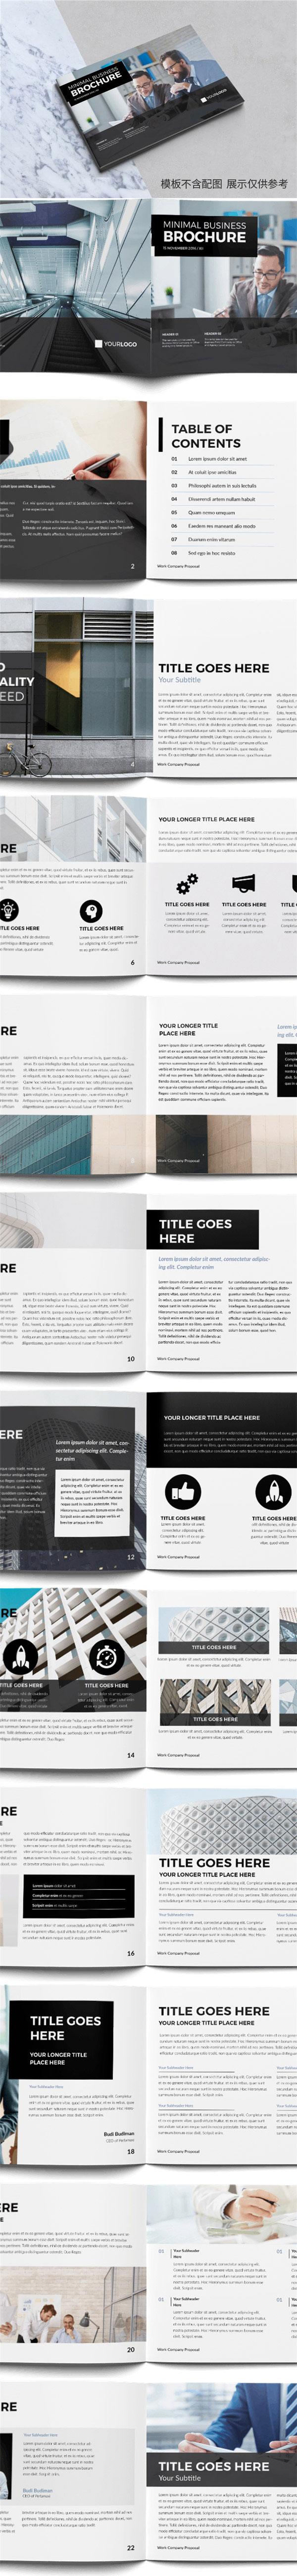 极简横版企业画册模板